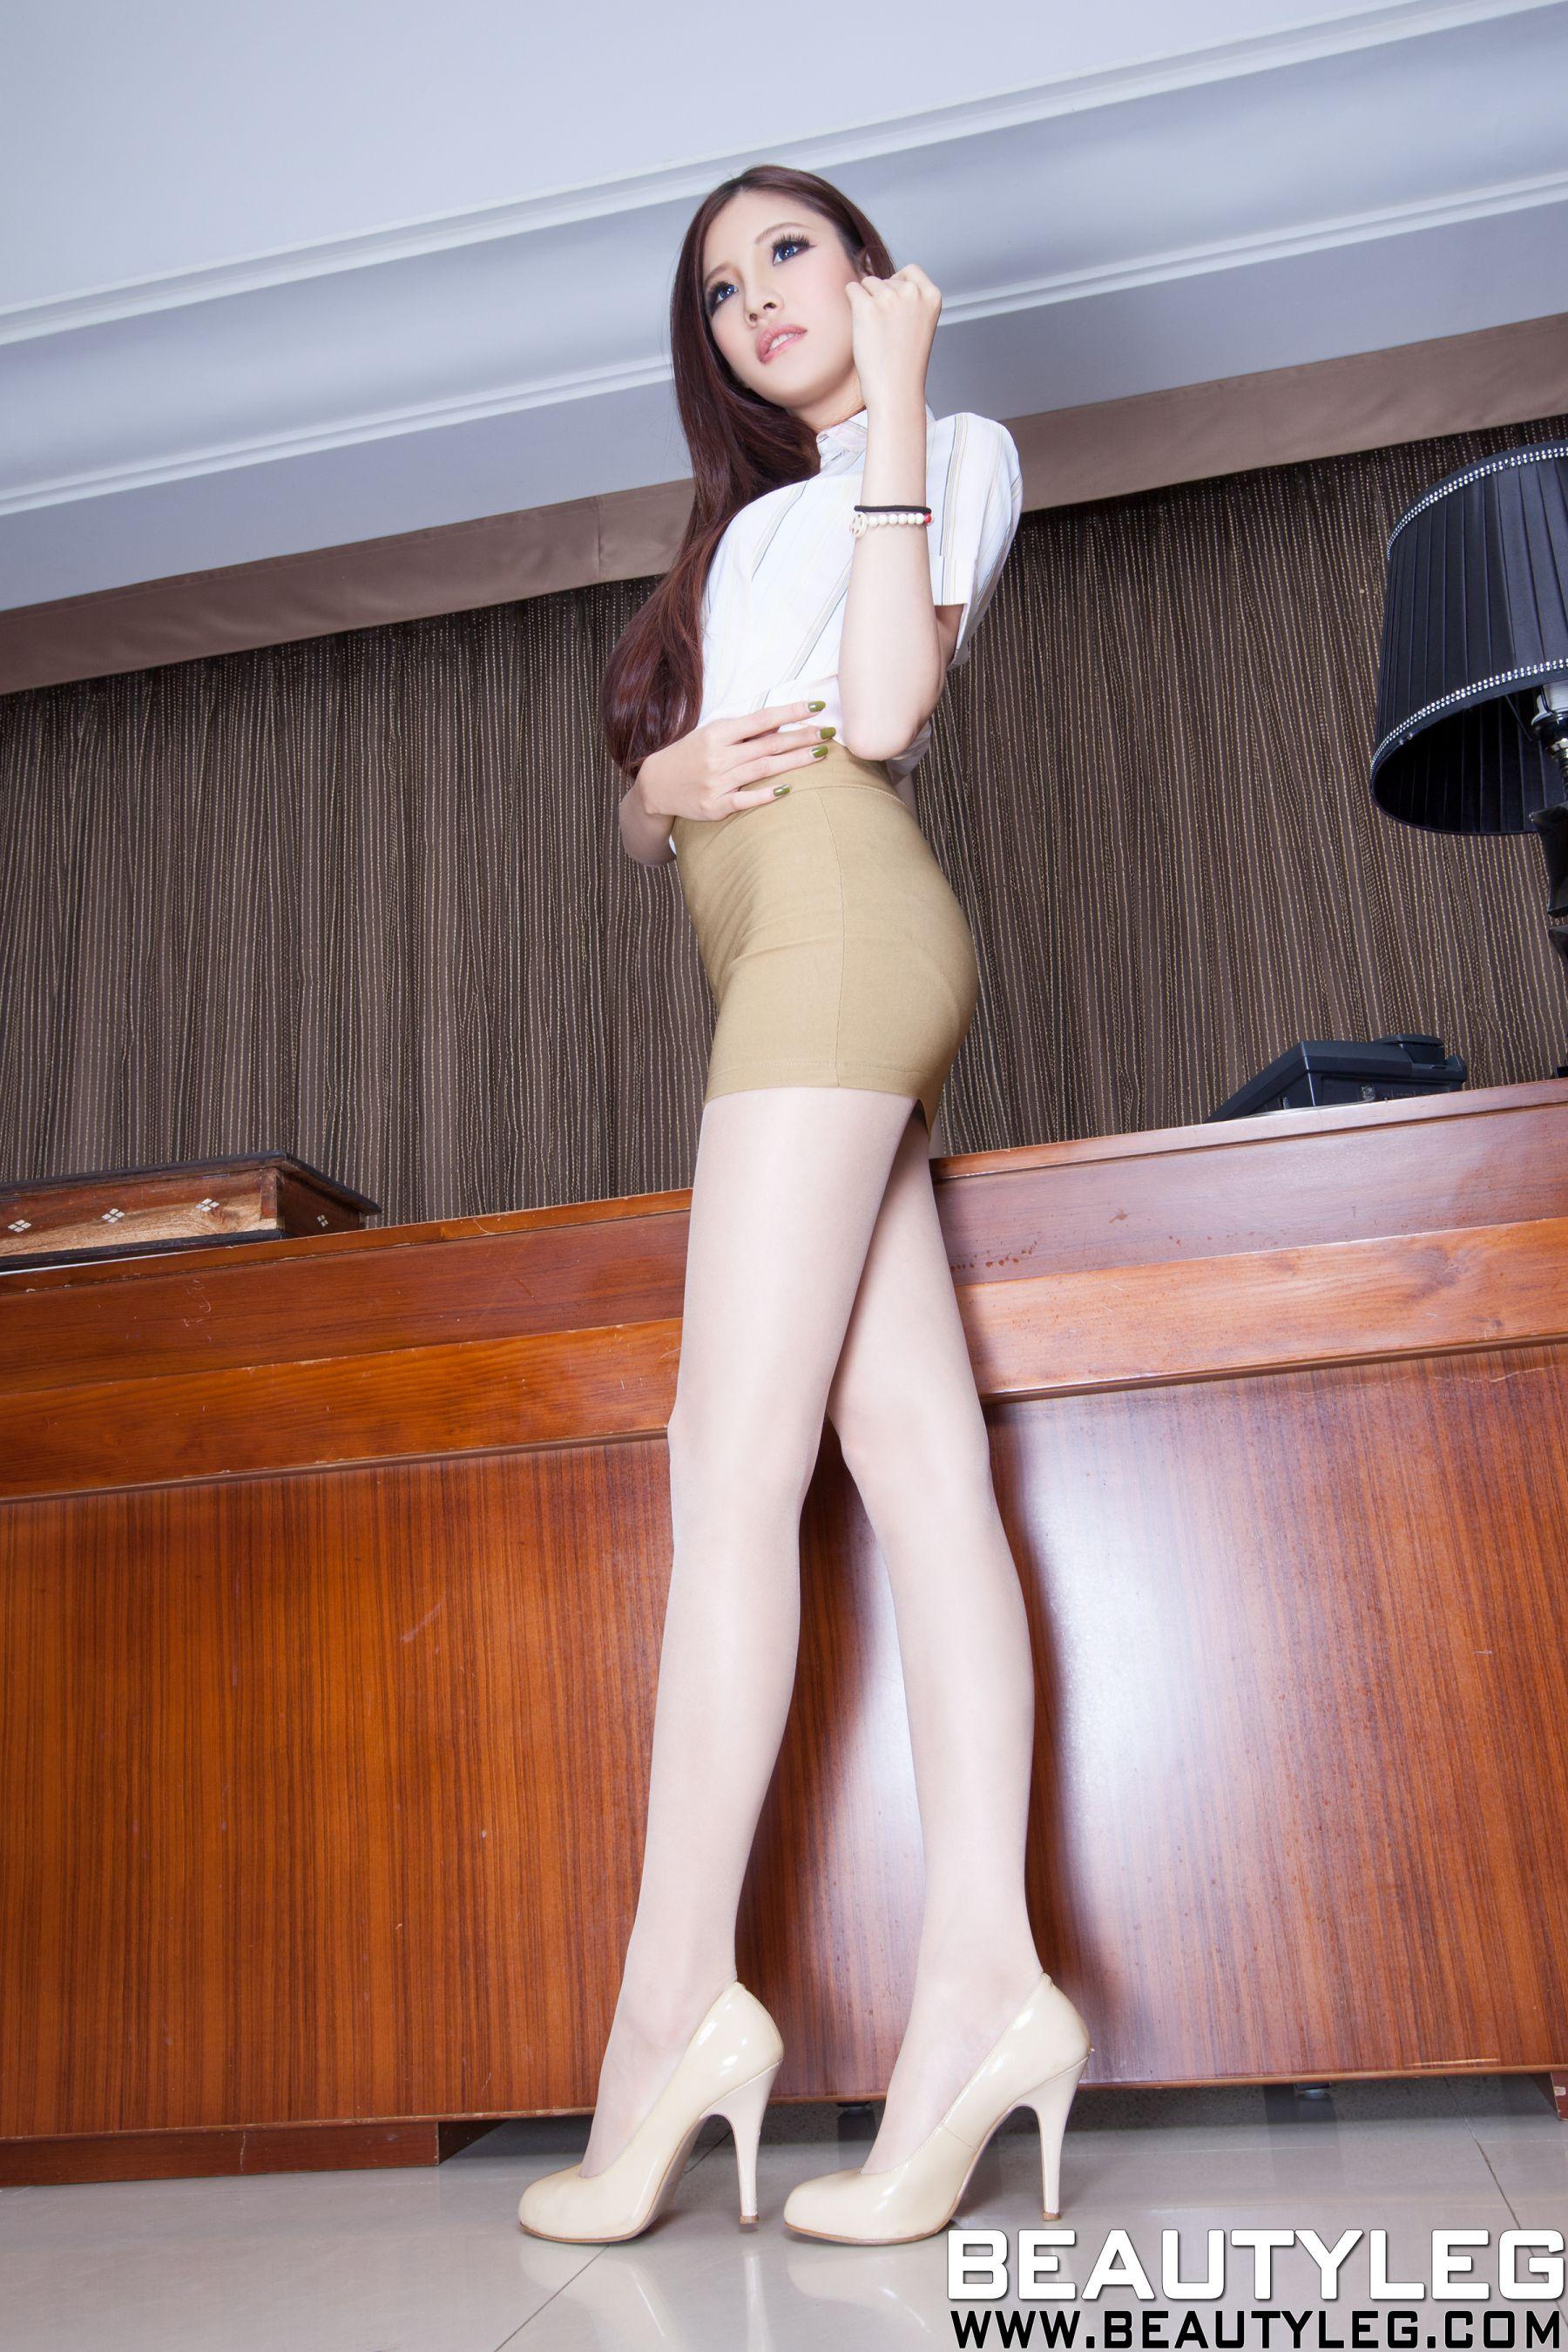 VOL.1881 [Beautyleg]美腿:陈玉雪(腿模Abby)高品质写真套图(68P)